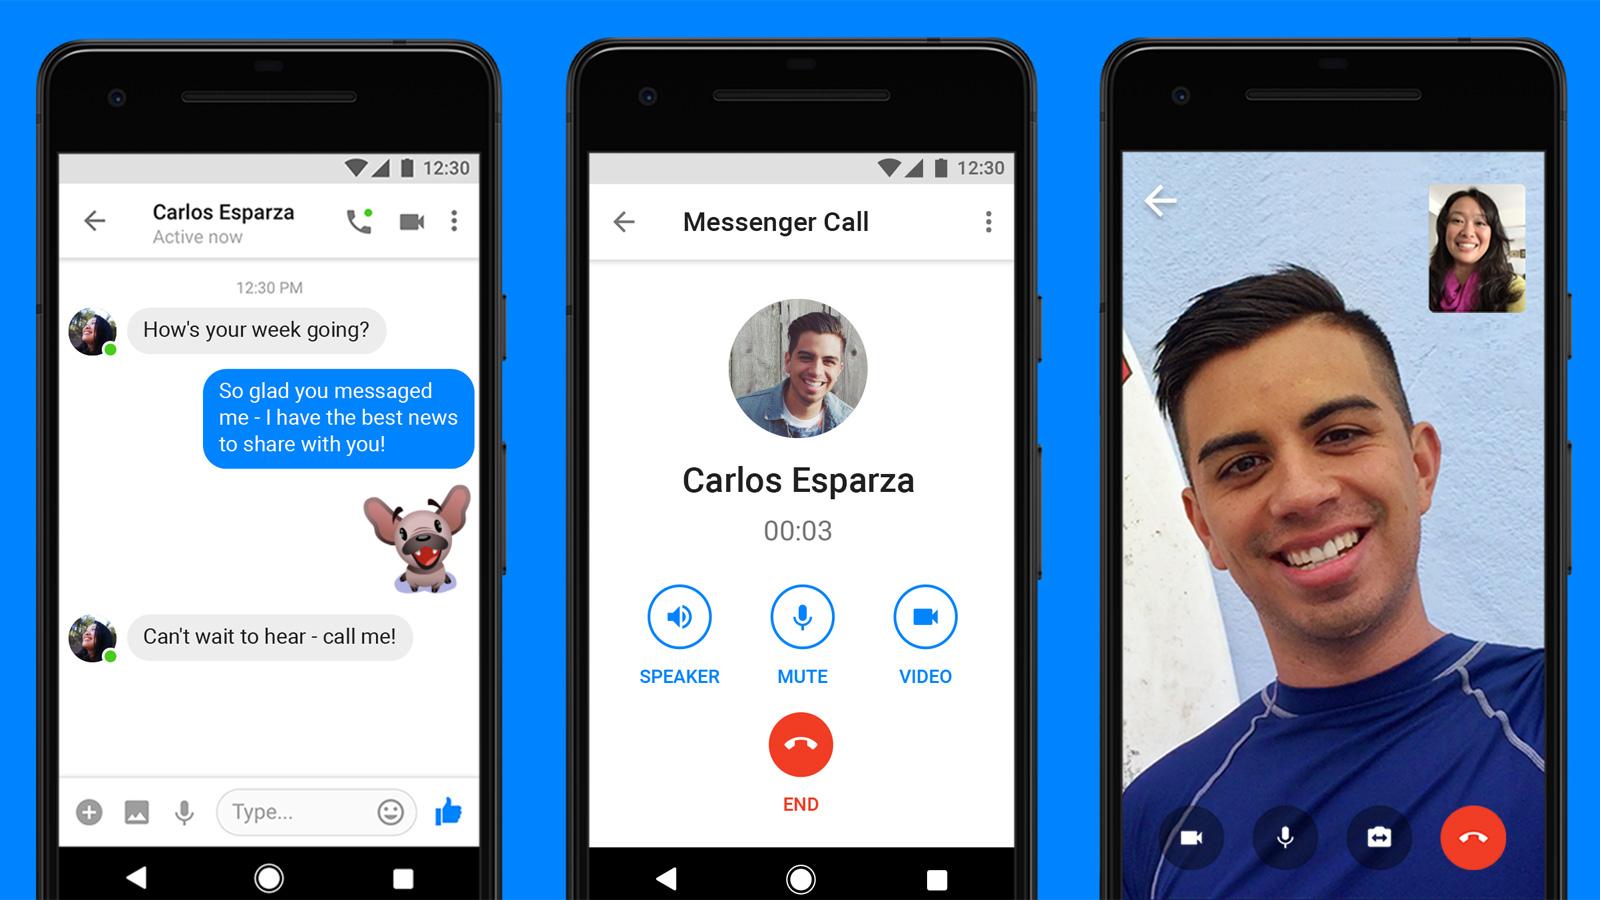 أعلنت شبكة التواصل الاجتماعي فيسبوك مؤخرا بأنها ستتيح ميزة مكالمات الفيديو  لتطبيق التراسل الفوري التابع لها،